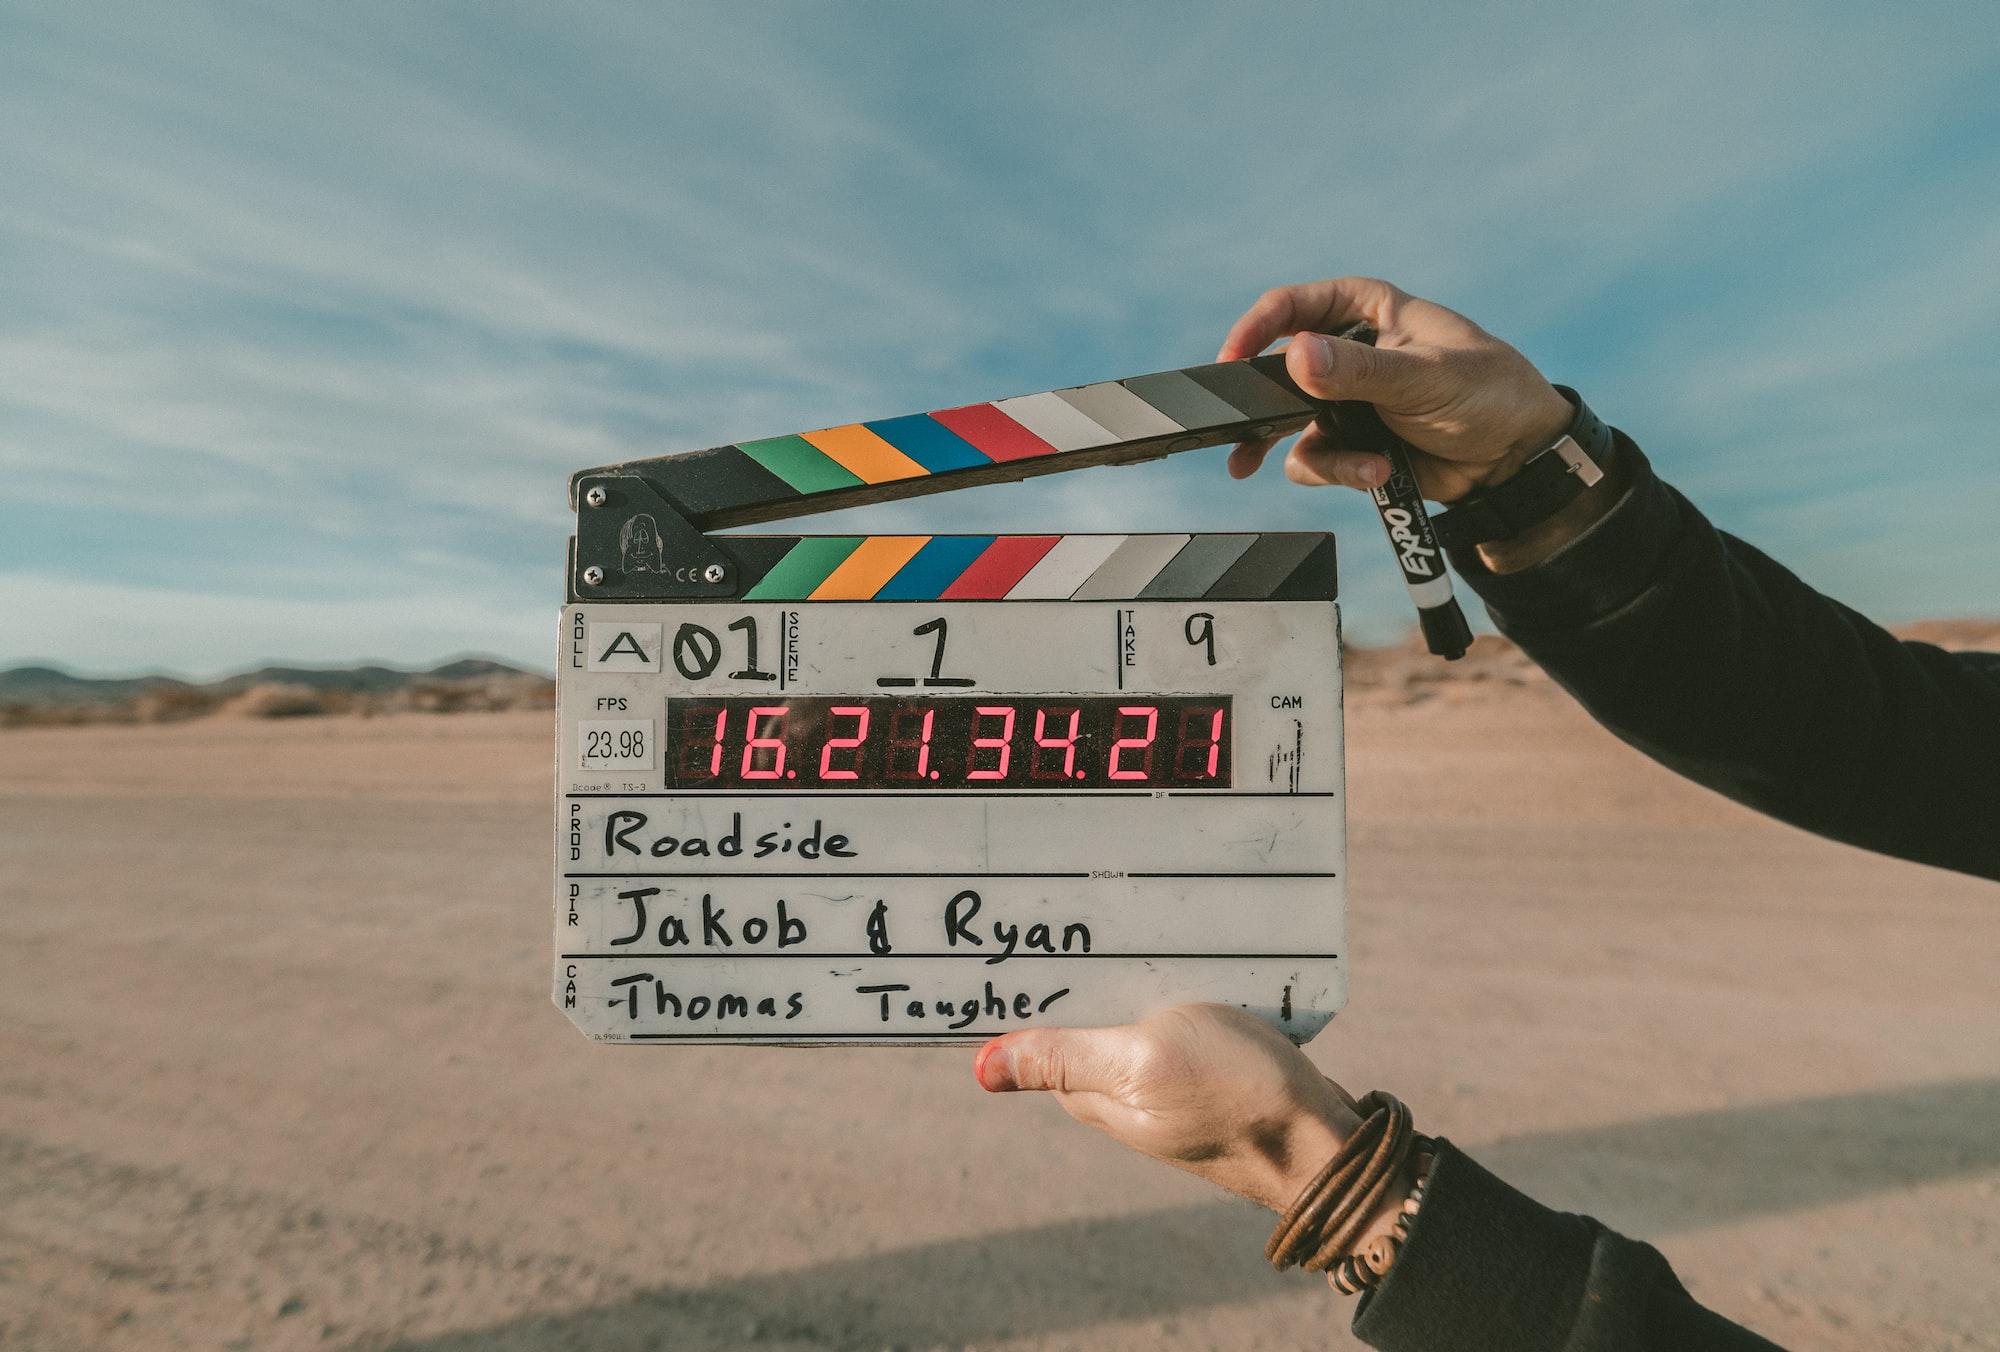 บริษัทสายภาพยนตร์ใช้ Chainlink Oracles เพิ่มประสิทธิภาพการจัดหาทุนทำหนัง